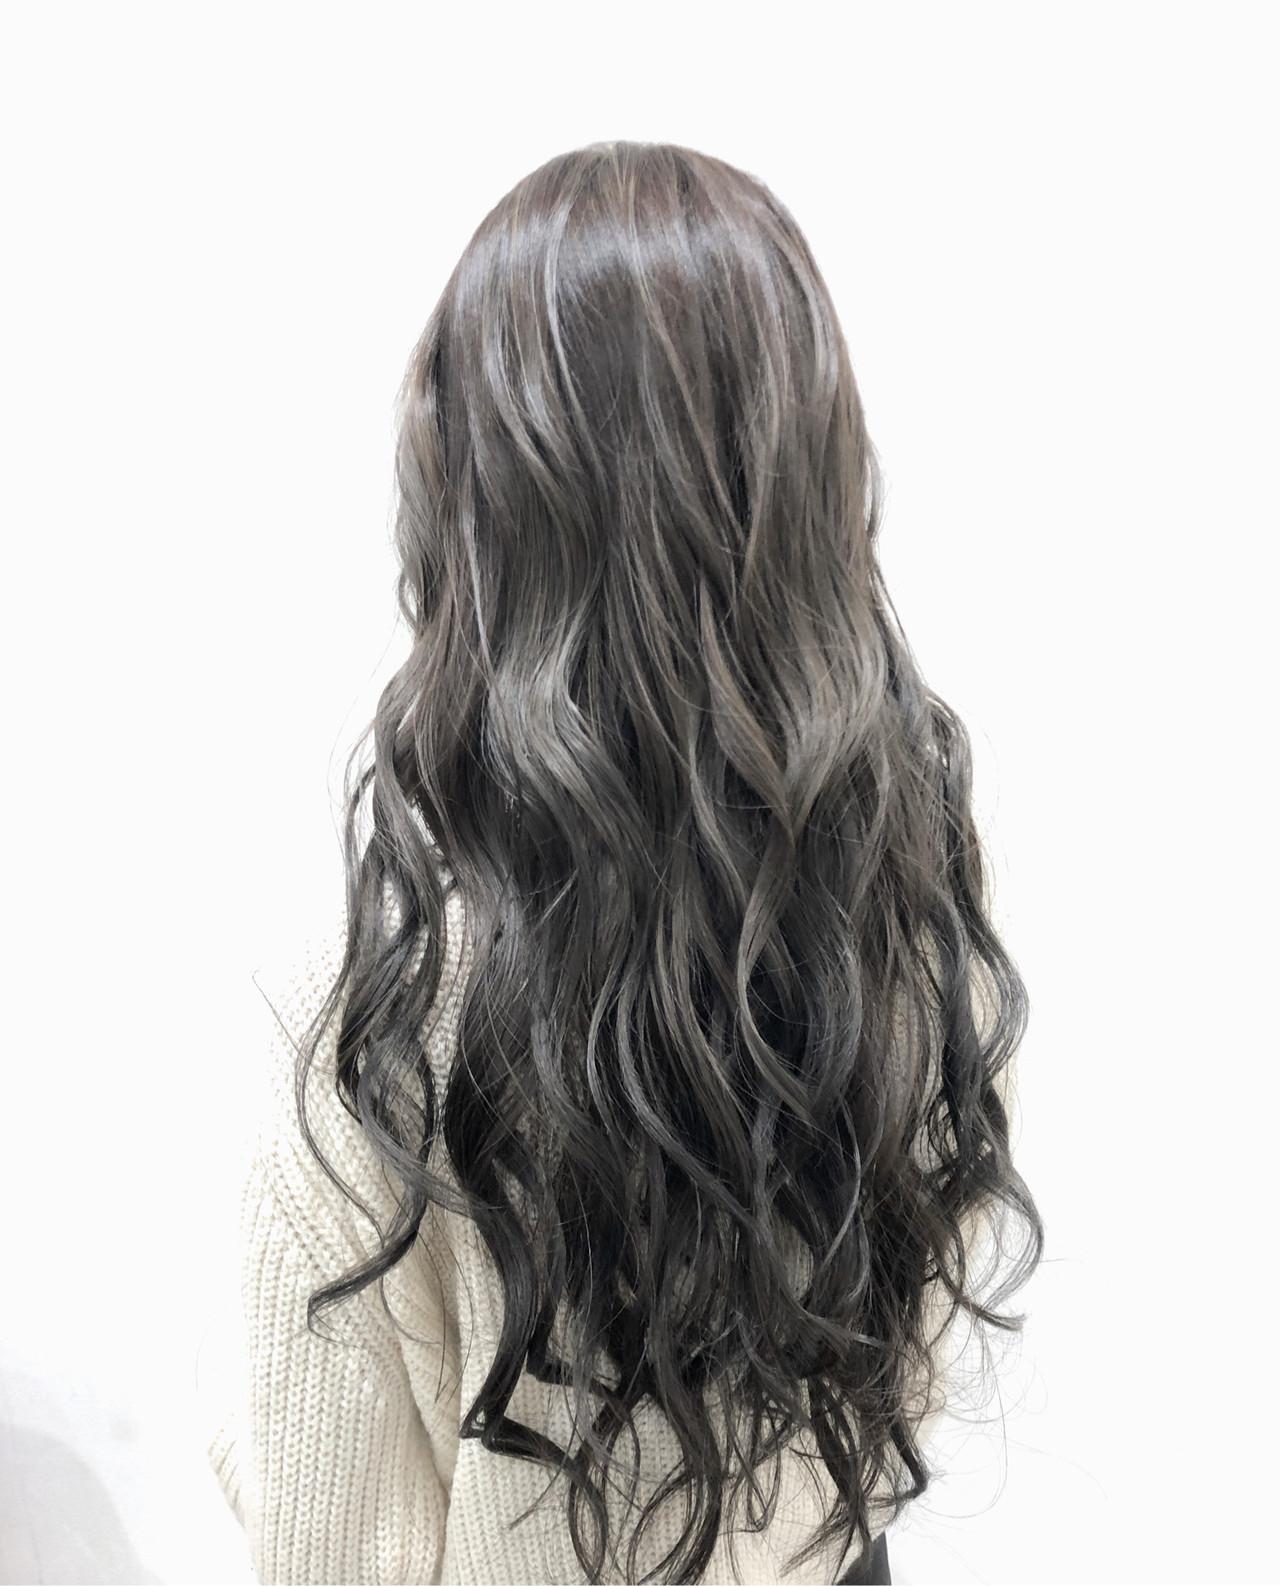 グレージュ ロング シルバー エレガント ヘアスタイルや髪型の写真・画像